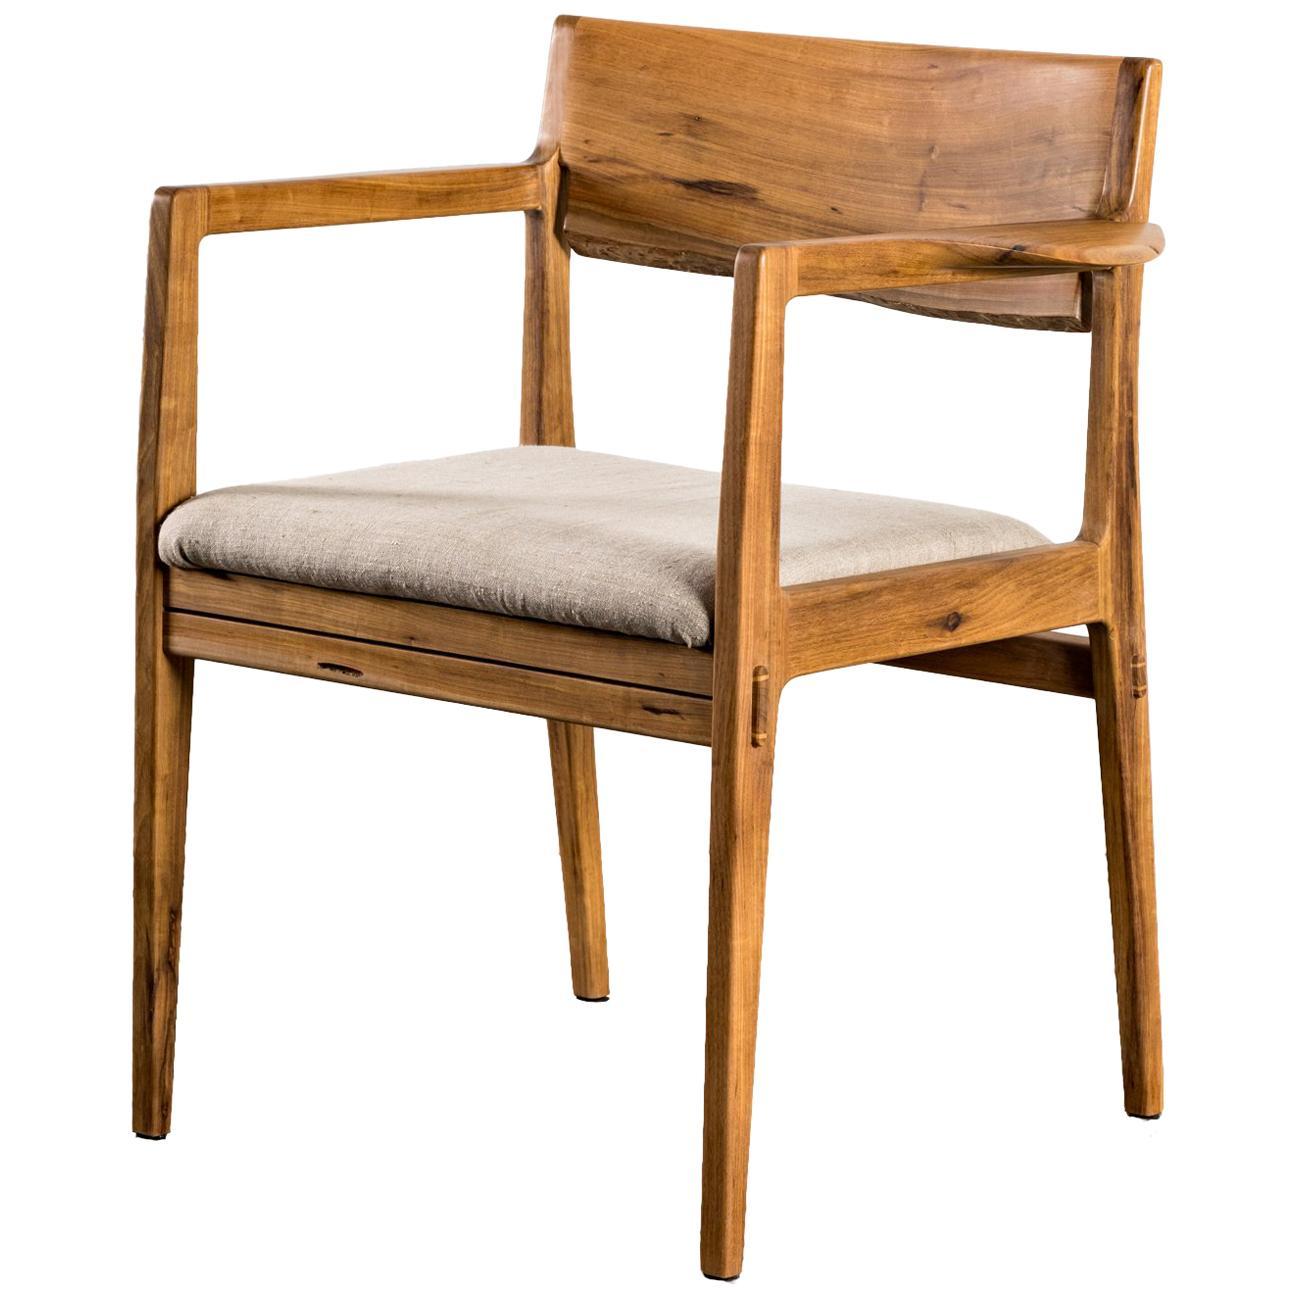 Armchair in Brazilian Hardwood by Ricardo Graham Ferreira